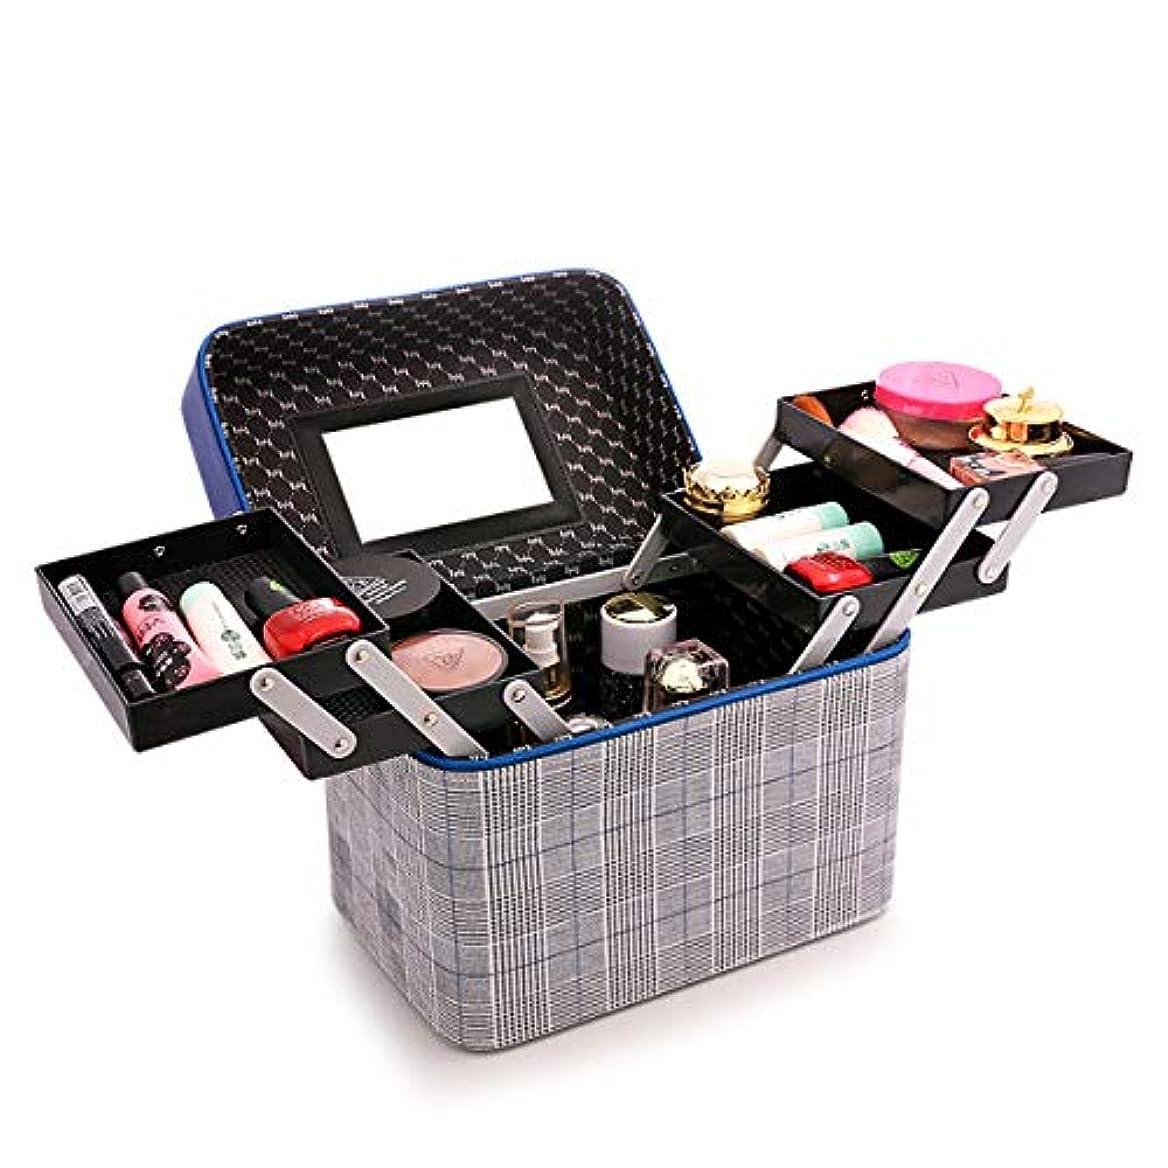 化粧品収納ボックス 化粧品ケース メイクボックス メイクボックス コスメボックス 大容量 収納ケース 小物入れ 大容量 取っ手付 (ブルー)